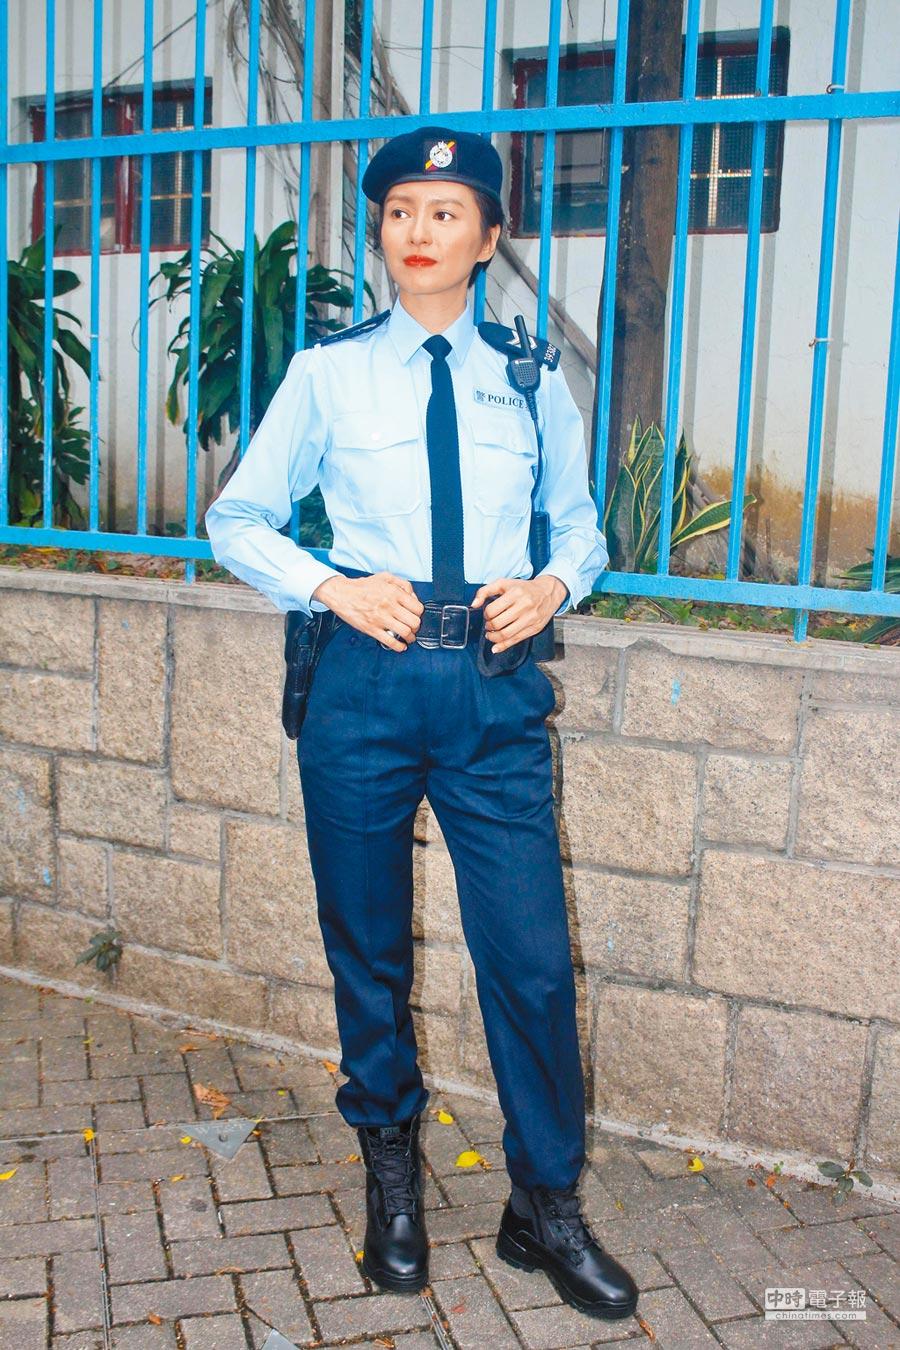 梁詠琪高䠷身材格外適合女警裝扮。